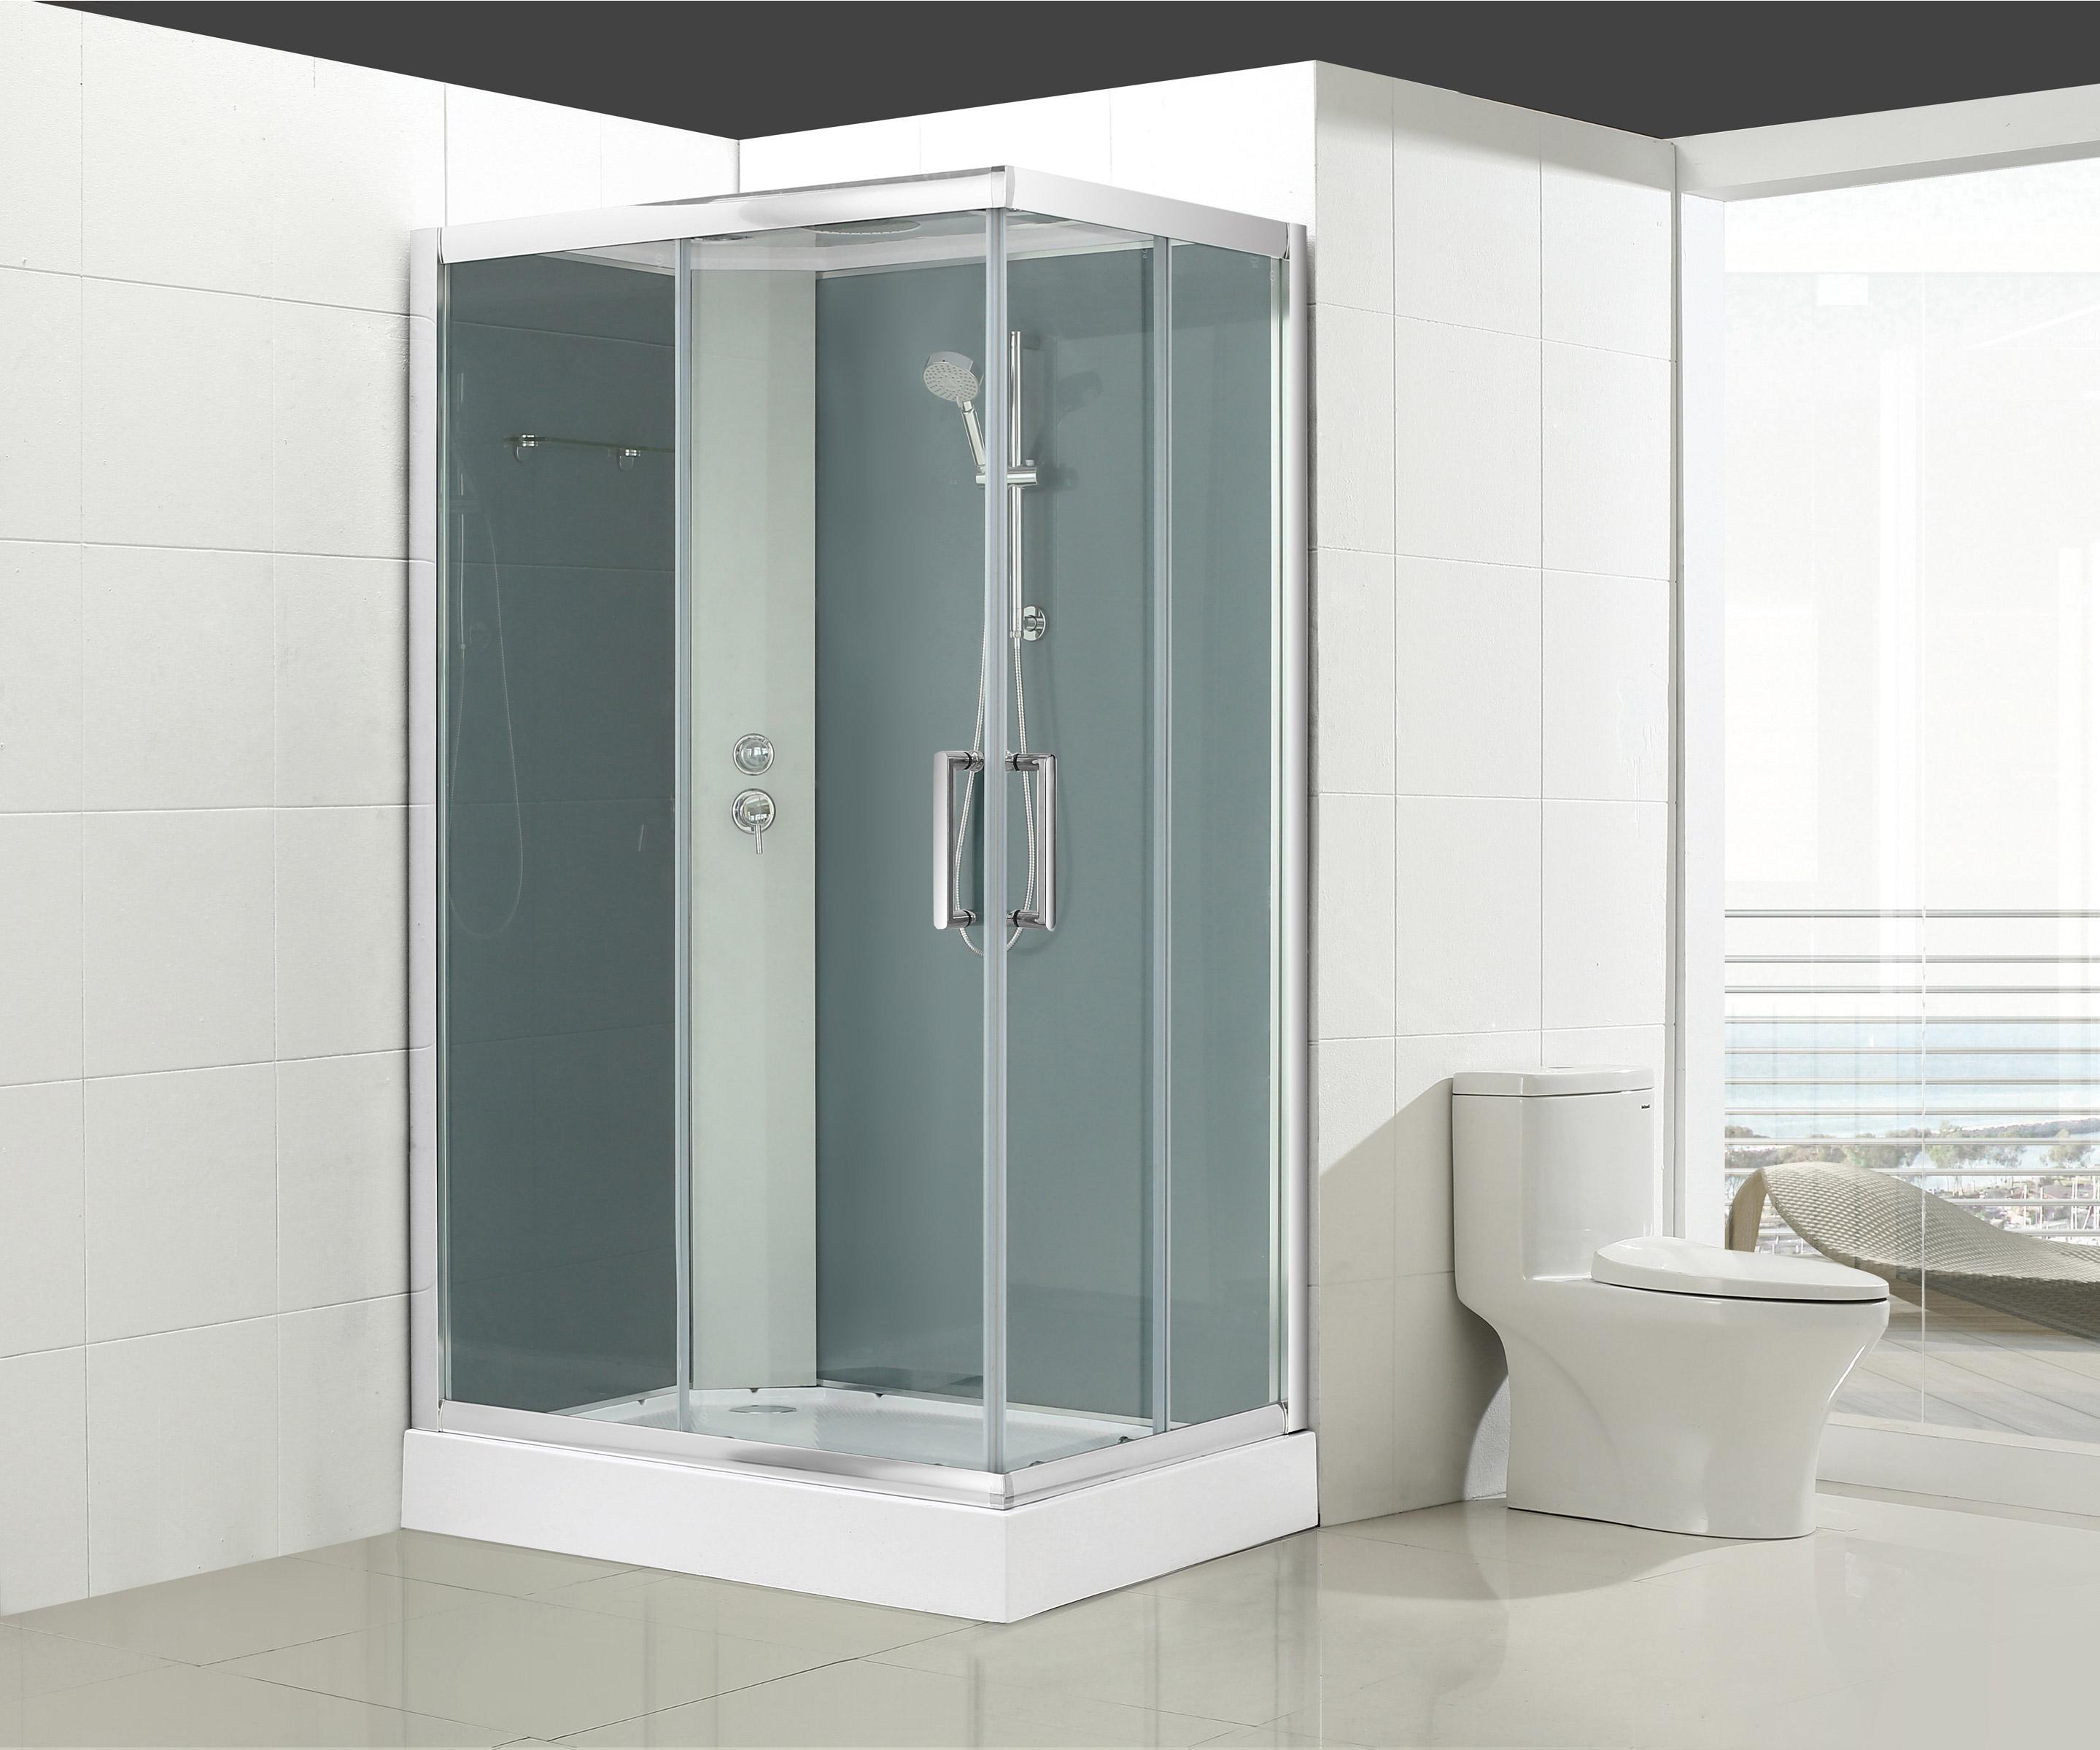 cabine de douche l120 x l90 cm verre transparent quad